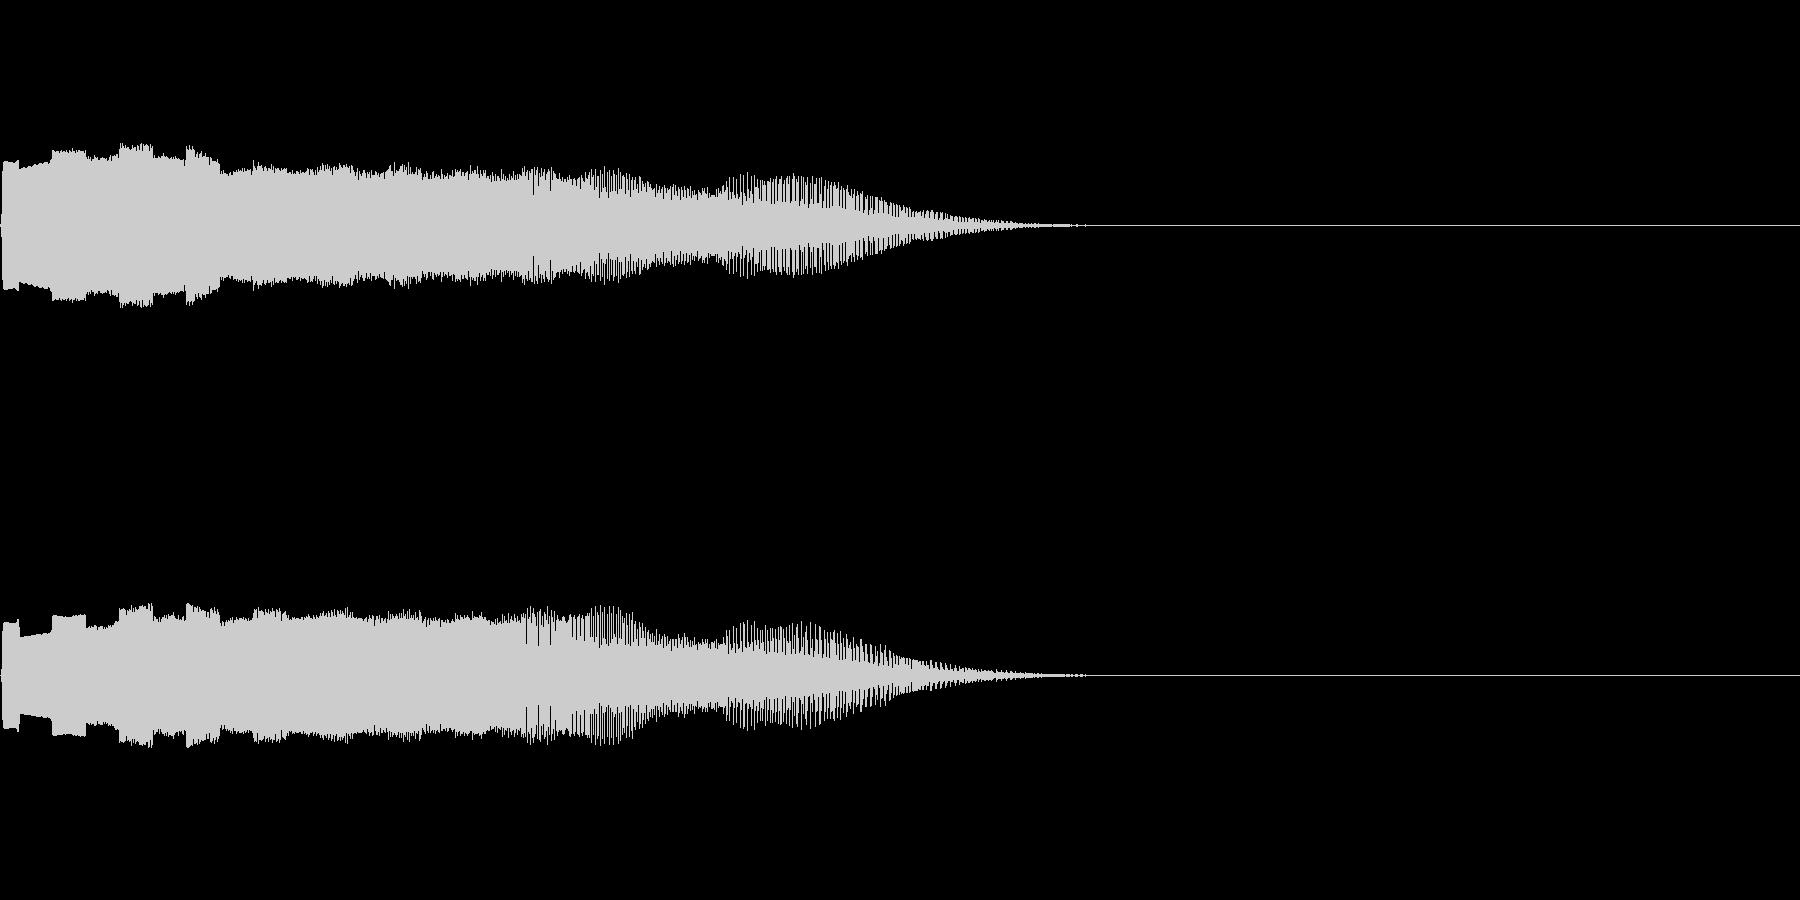 ゲームや動画での落下音の未再生の波形